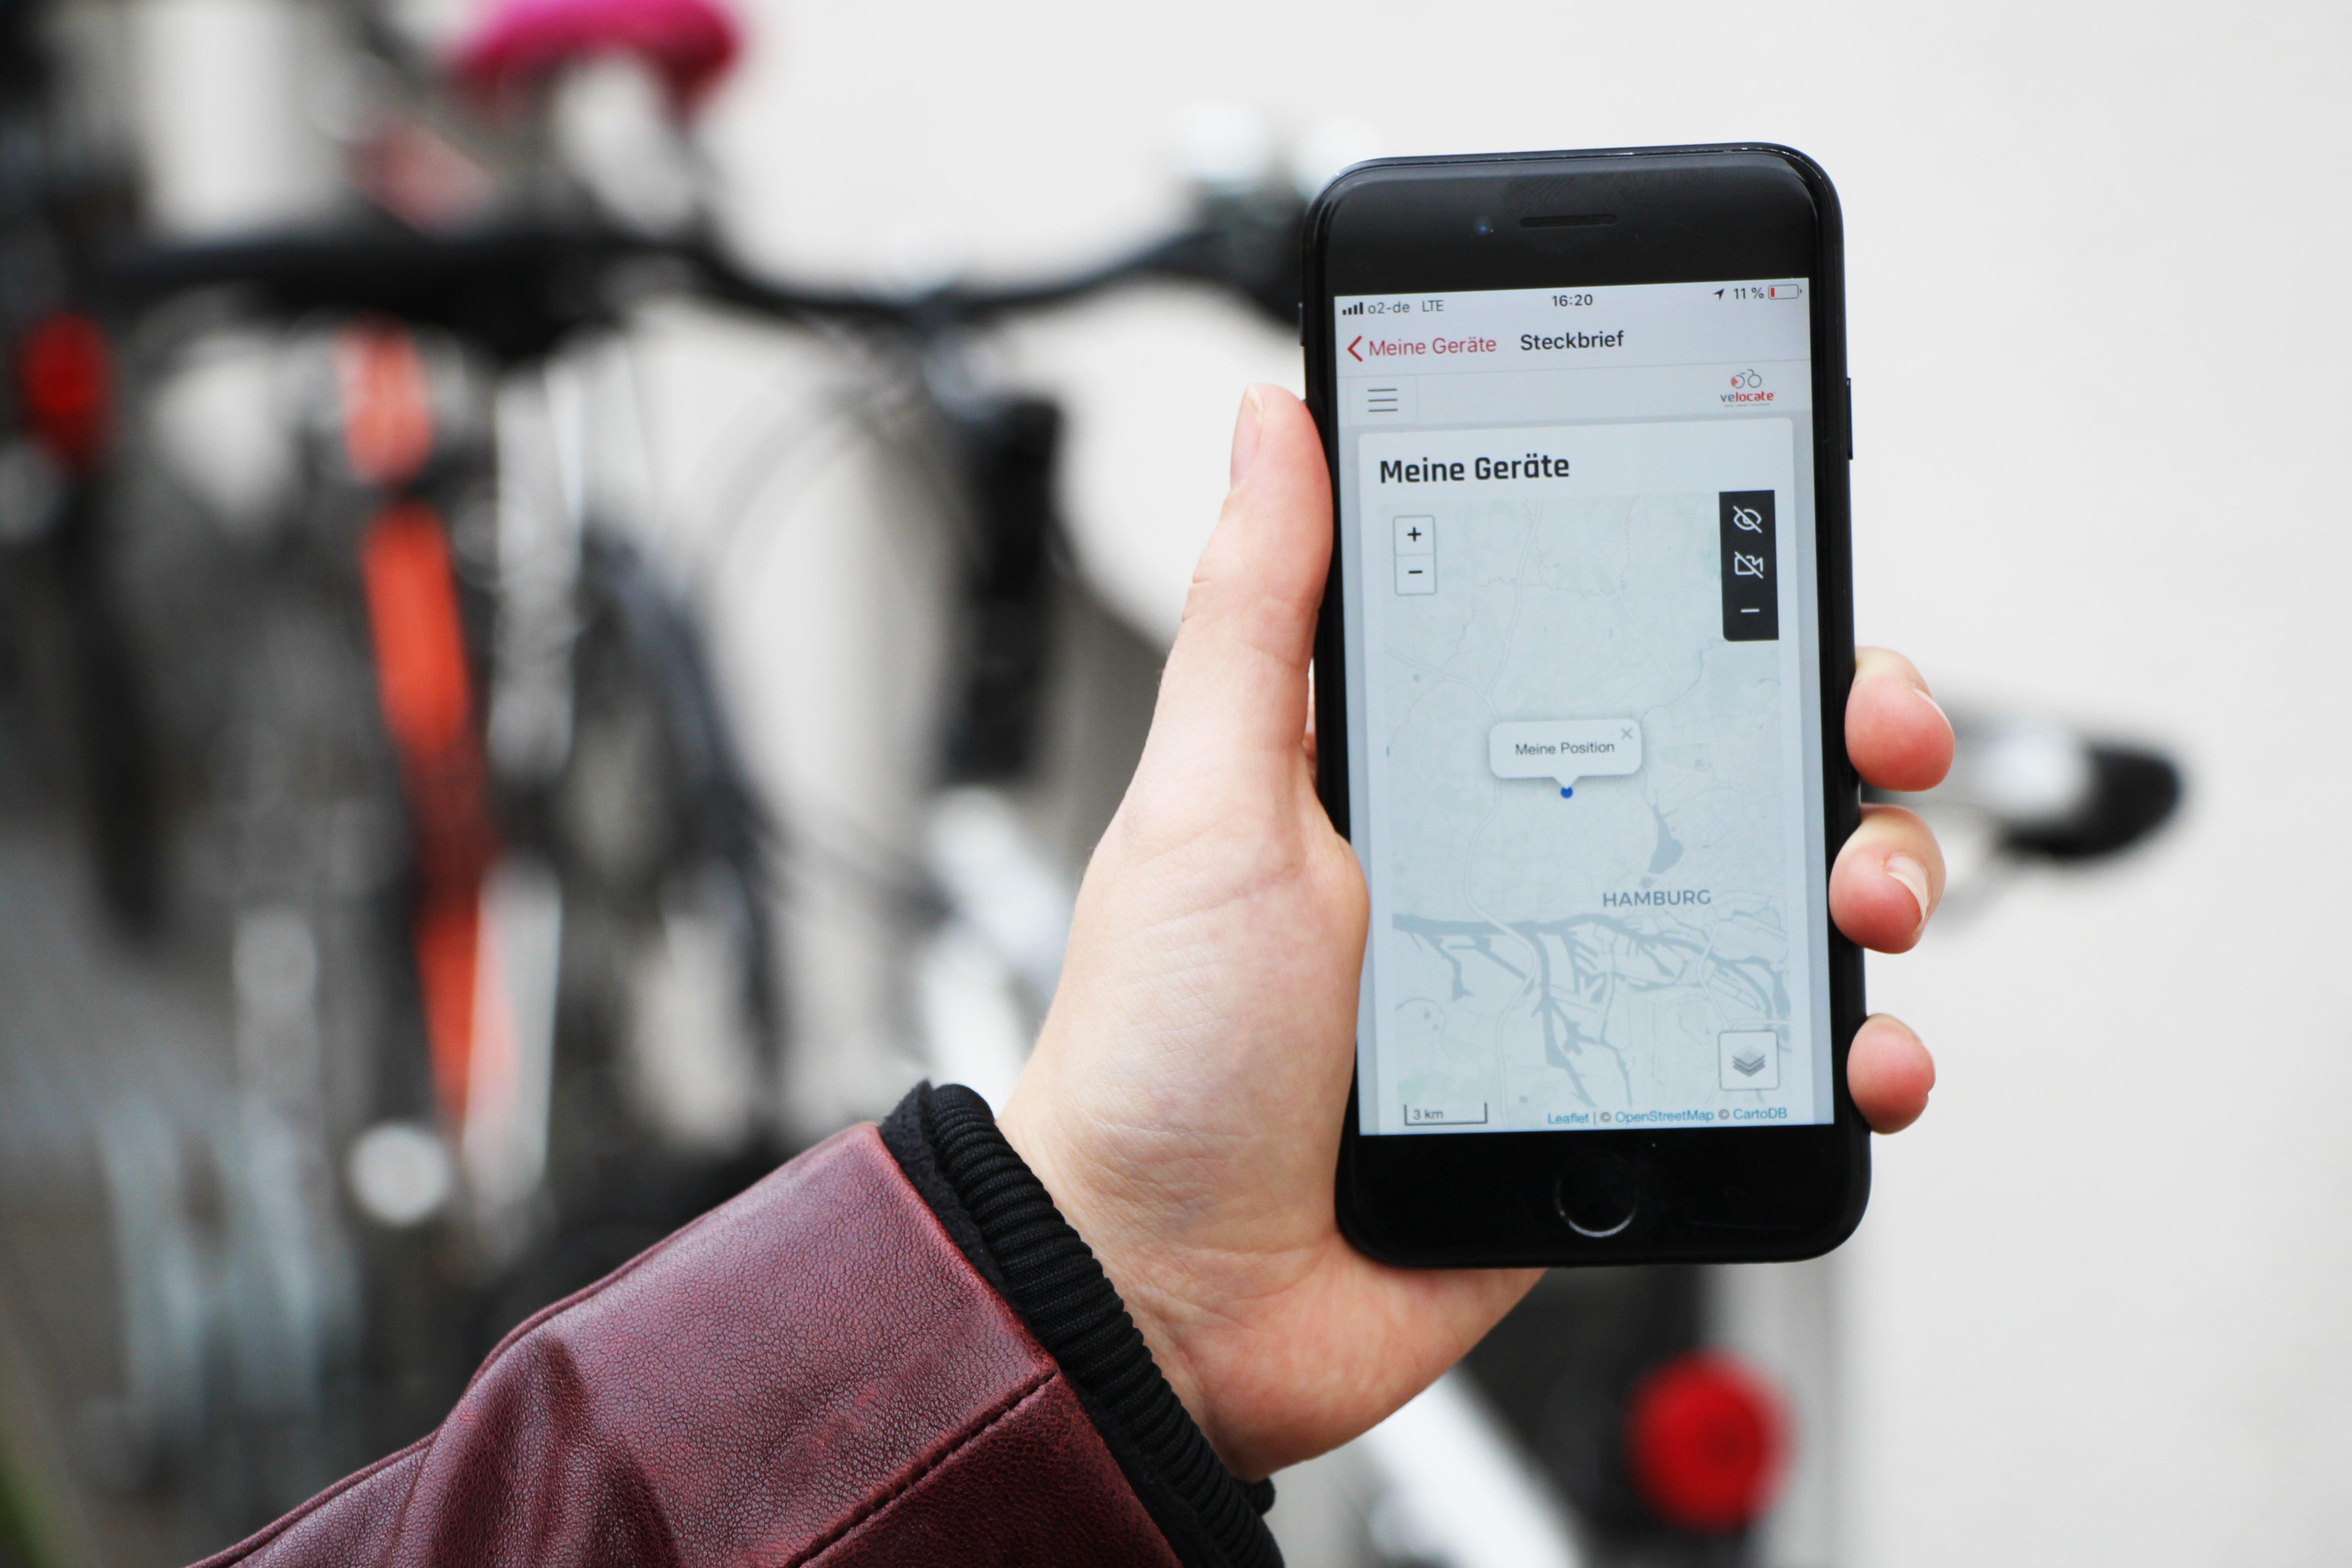 #Fahrradklaukarte: Mit GPS gegen Fahrraddiebe